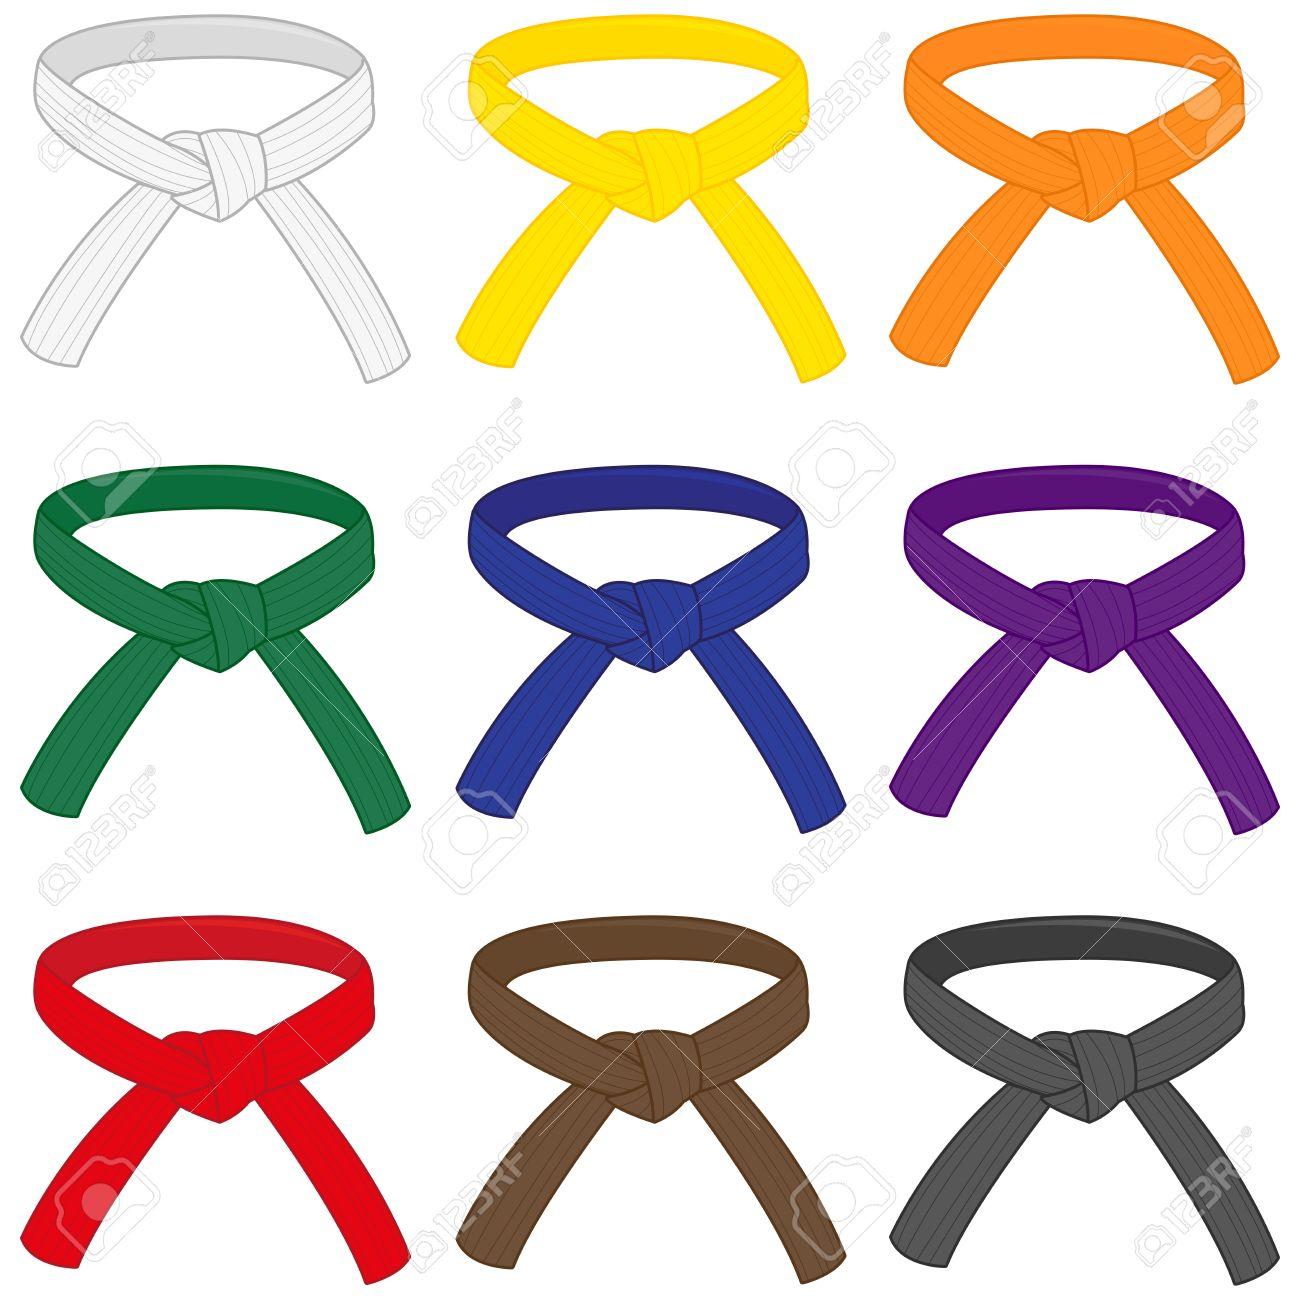 5ff9cdc2b30 Banque d images - Ceintures d arts martiaux avec des couleurs différentes  de rang. Karaté